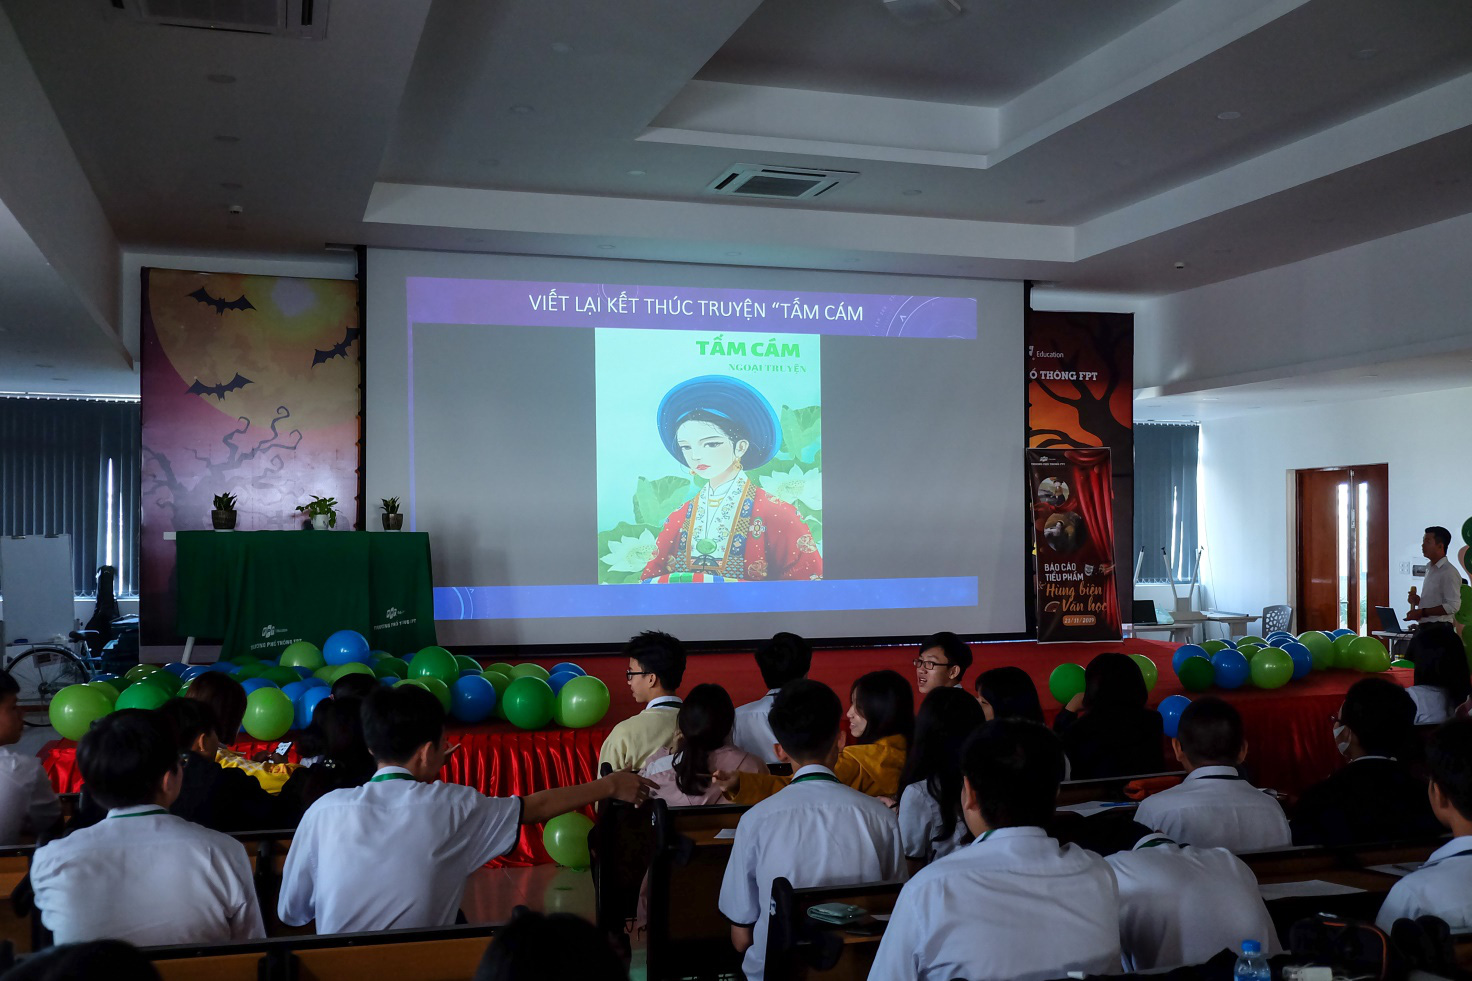 Học sinh Fschool Cần Thơ thỏa sức sáng tạo trong giờ học văn - Ảnh 5.